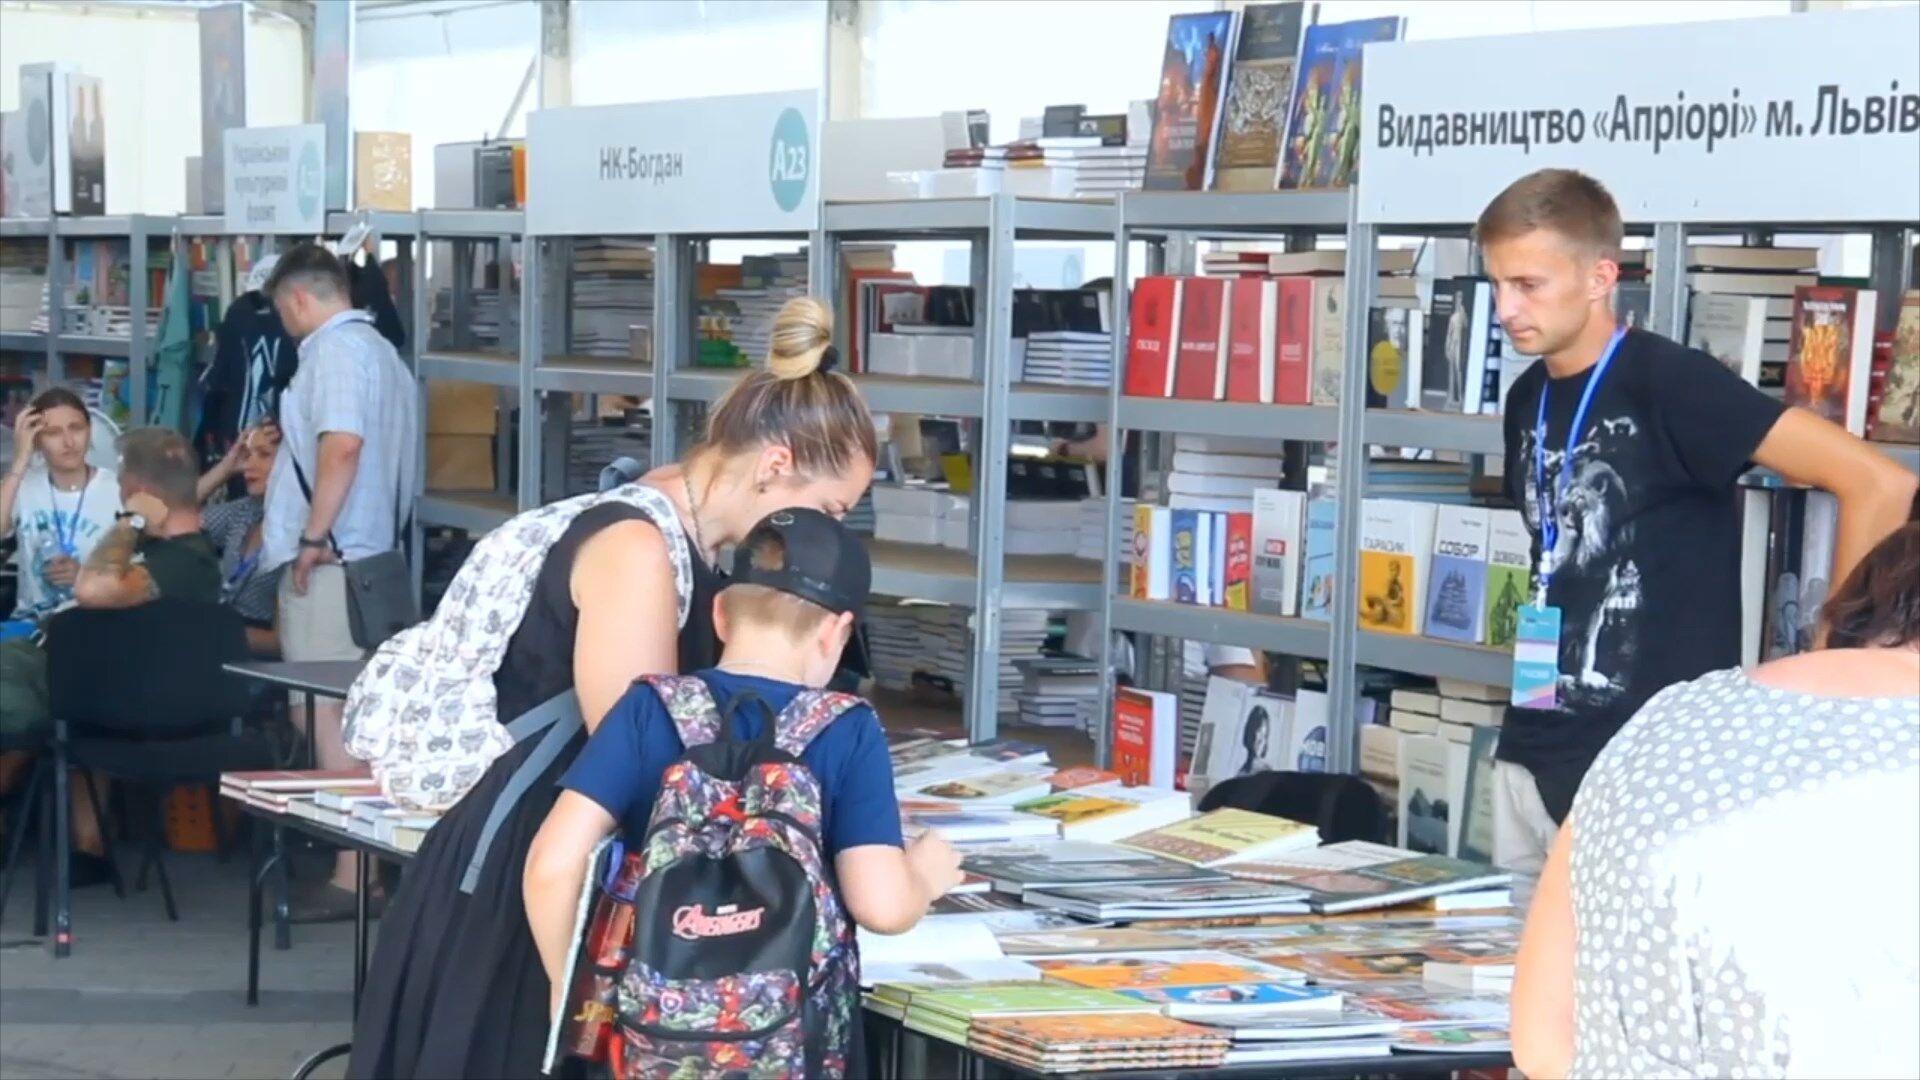 Book Space проведут в Днепре 3-5 сентября